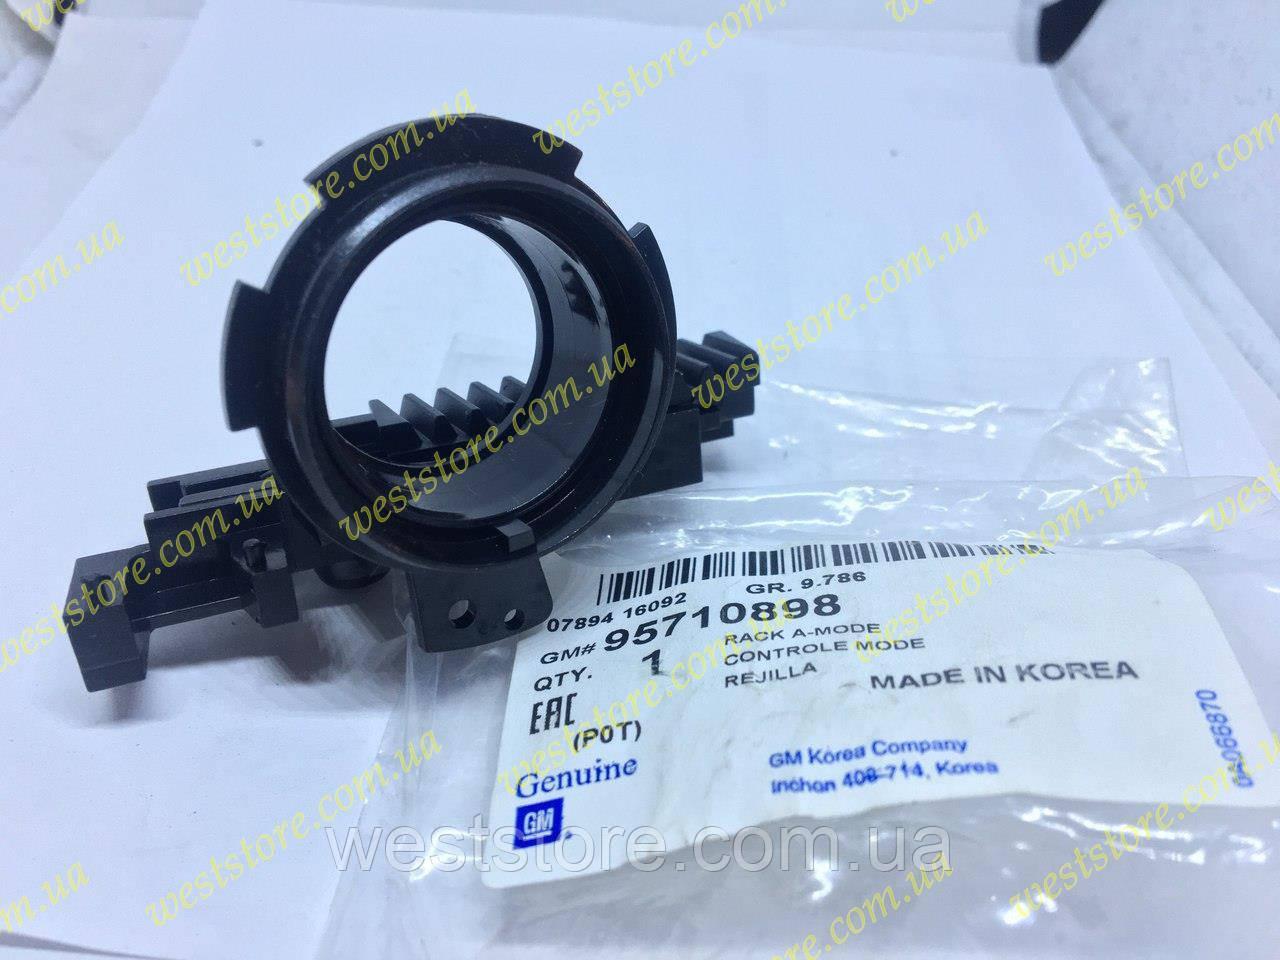 Втулка привода (рейка) переключателя режимов печки правая  Lanos Ланос Сенс Sens GM 95710898\759195